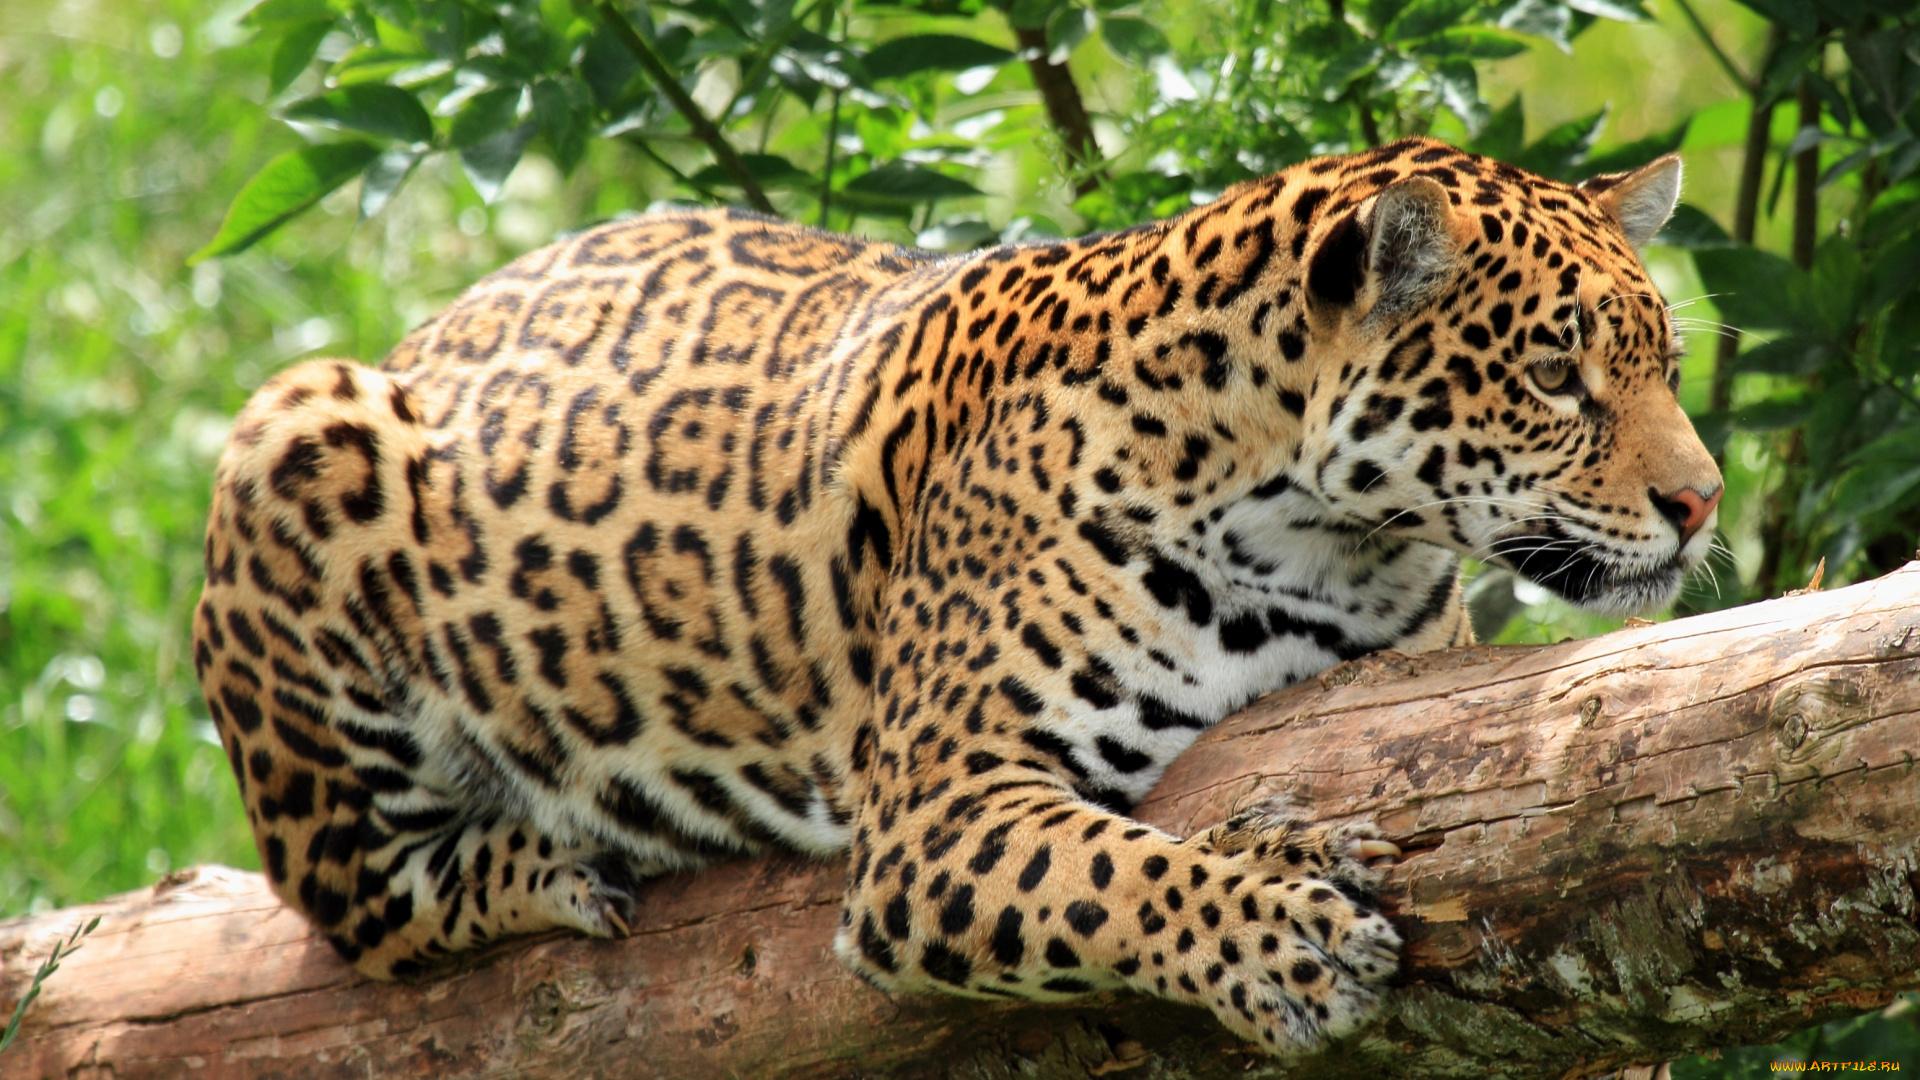 средние животные тропиков фото с названиями бюджетное общеобразовательное